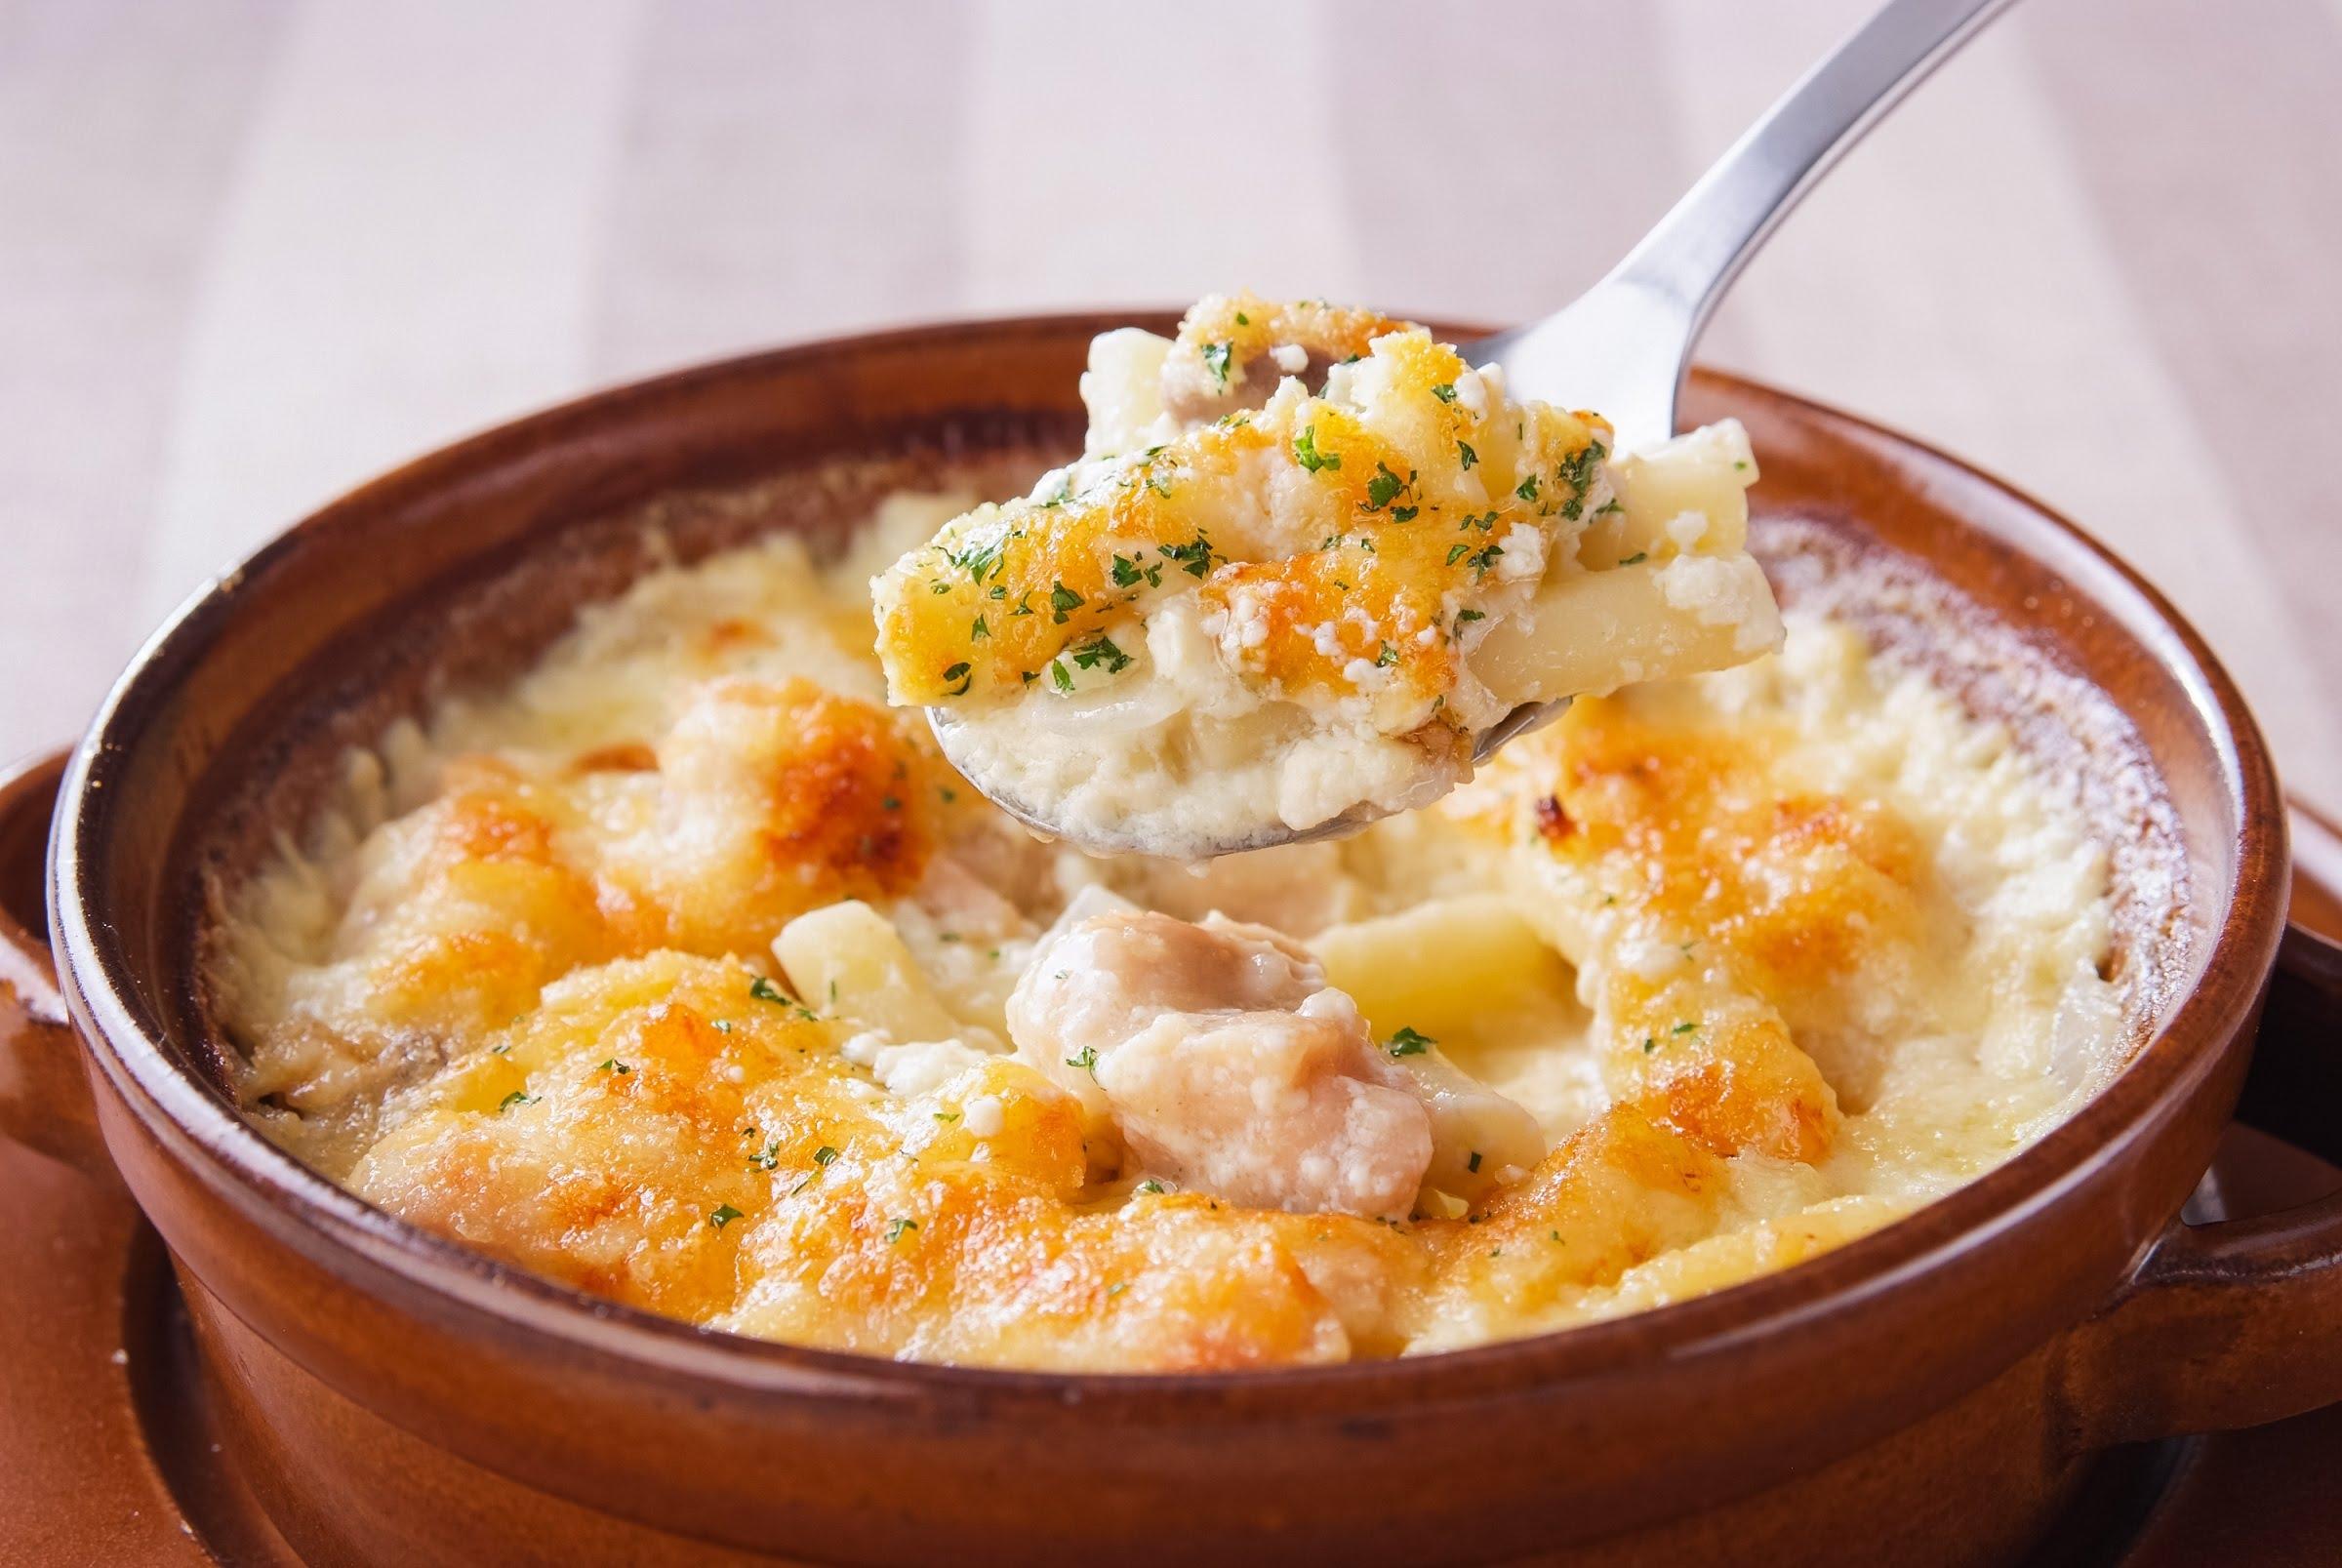 心も体もあったまる!冬に食べたいほかほか人気のグラタンレシピのサムネイル画像